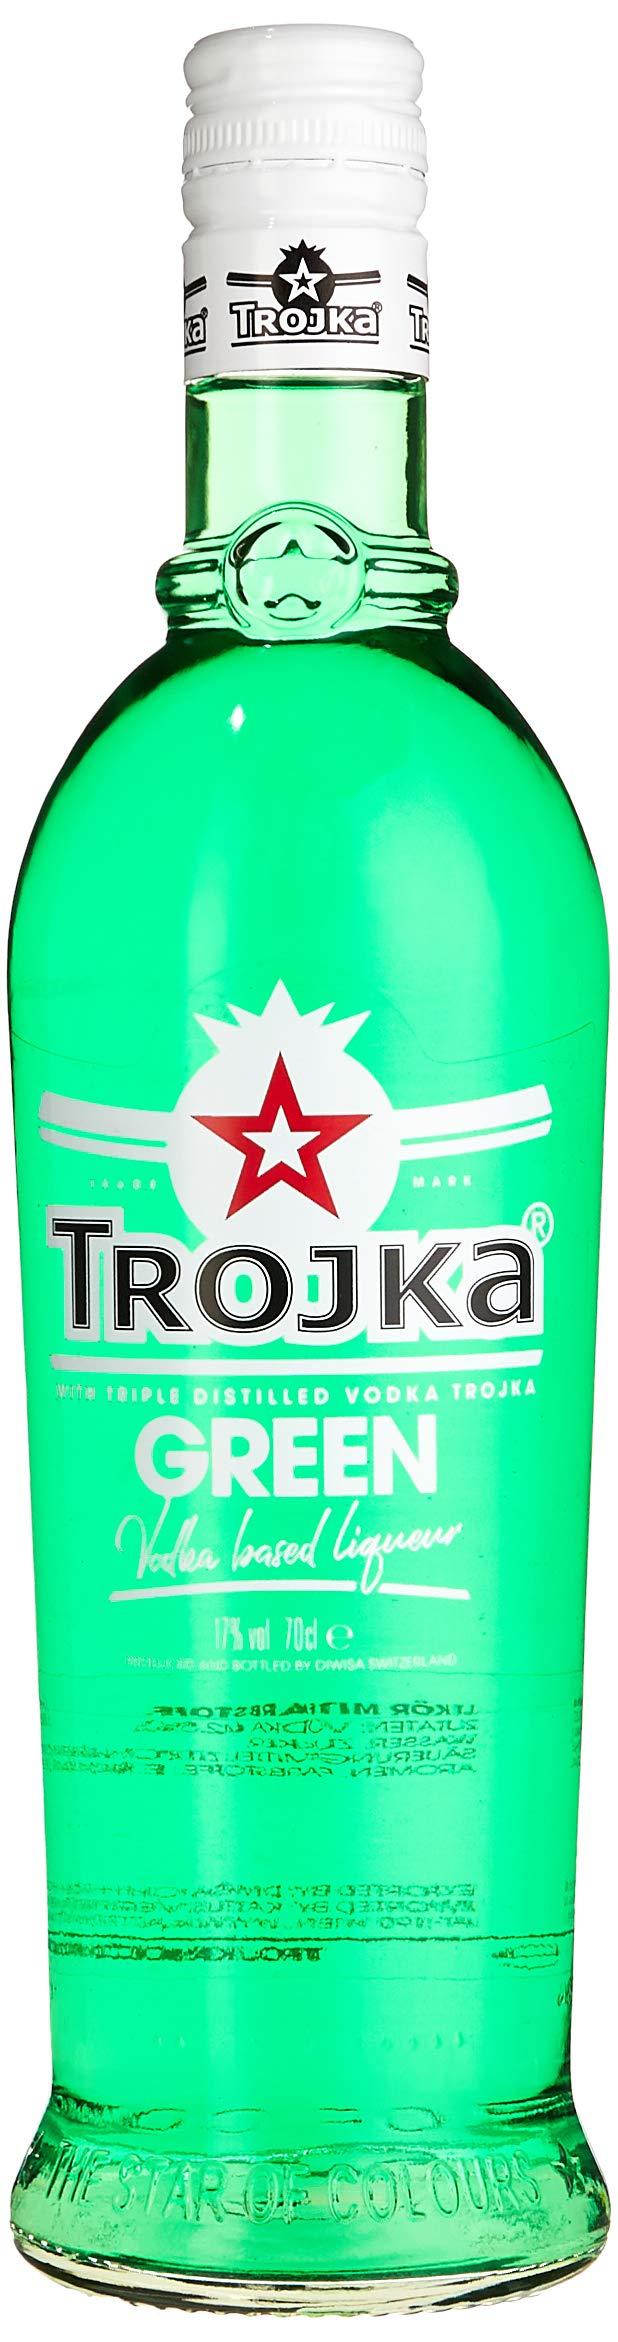 Trojka-Wodka-Green-1-x-07-l